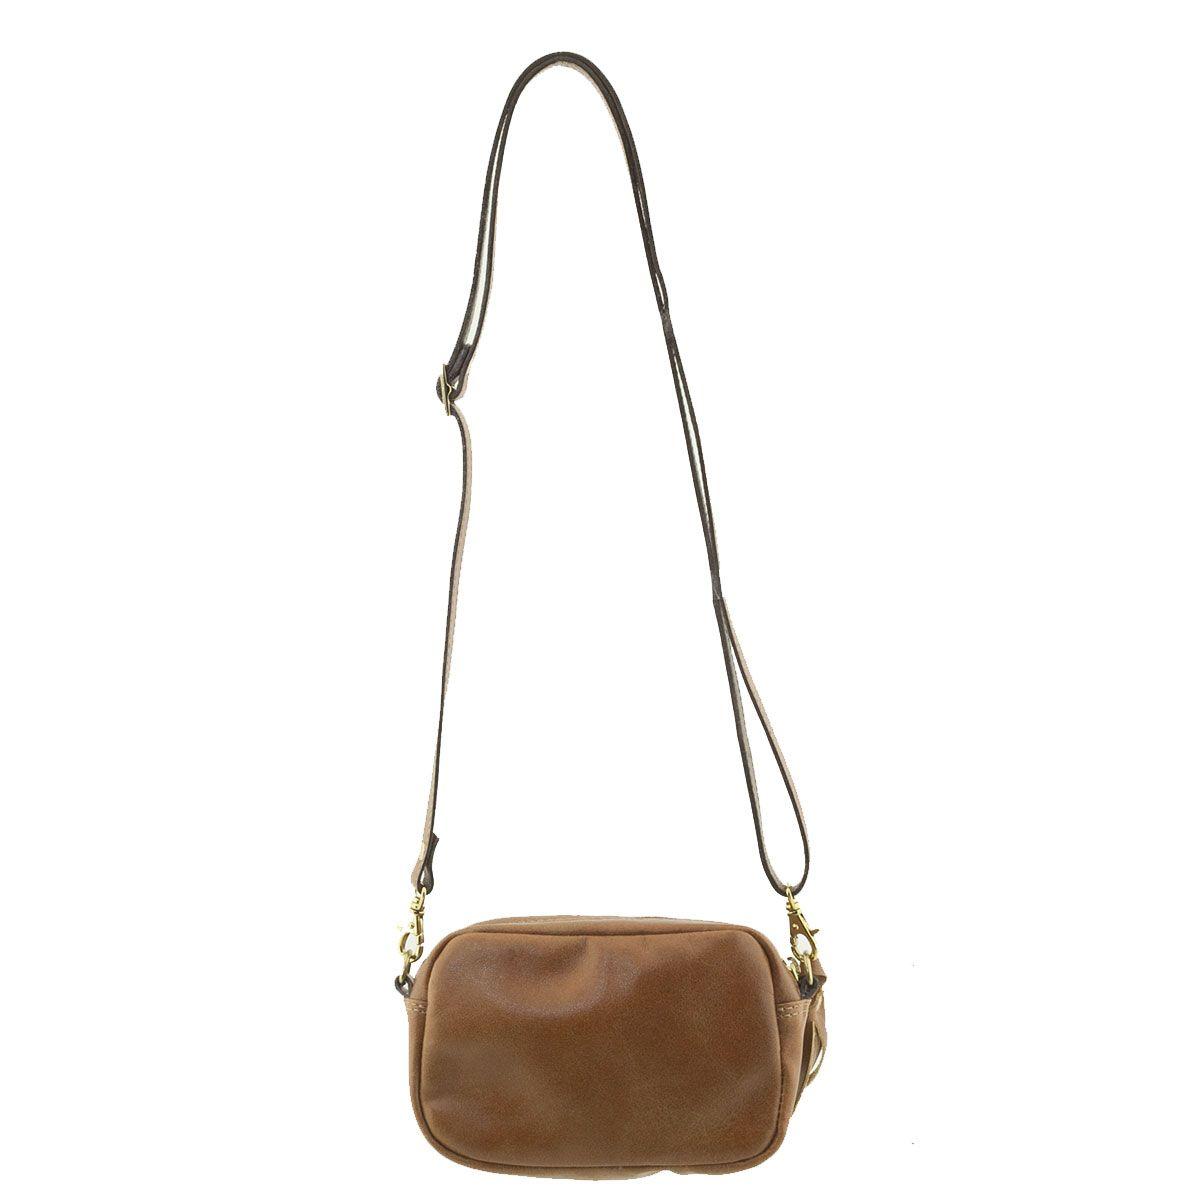 Bolsa De Couro Wow : Bolsa em couro tiracolo chocolate